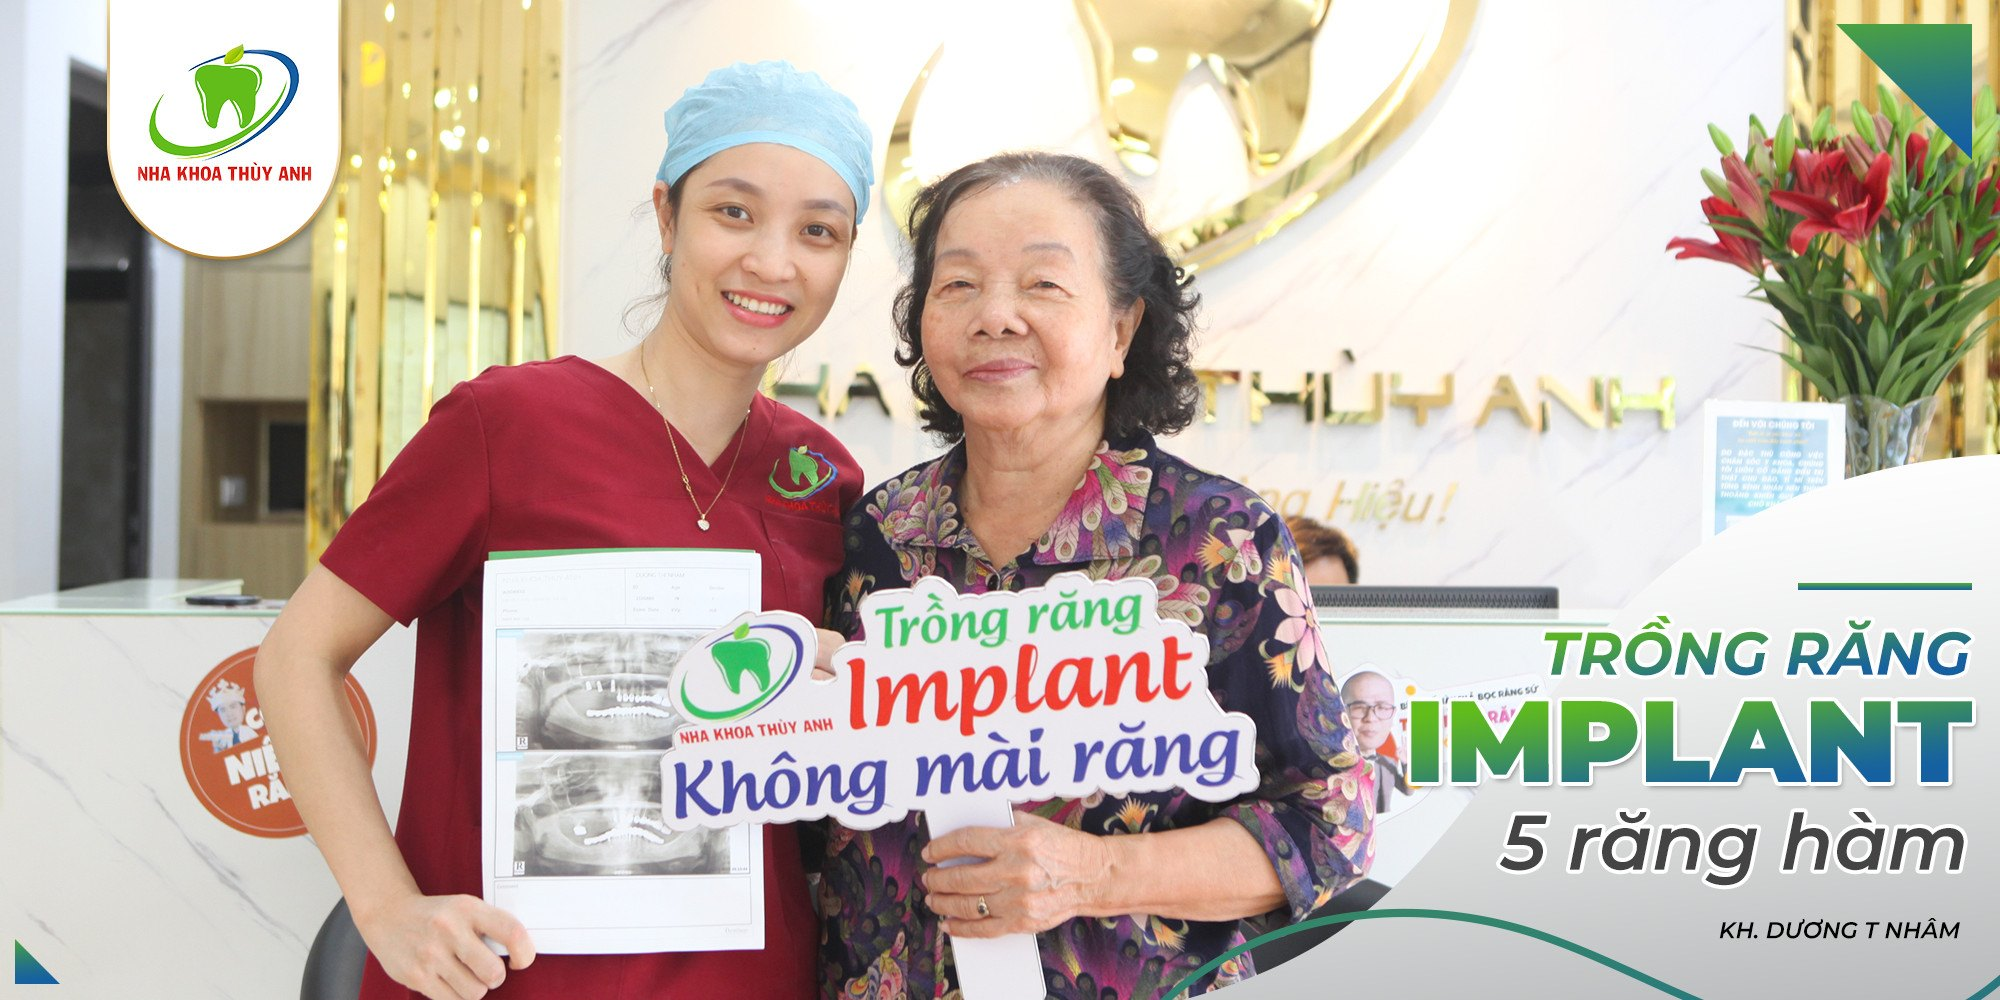 Địa chỉ trồng răng implant uy tín khu vực quận Đống Đa, Hà Nội